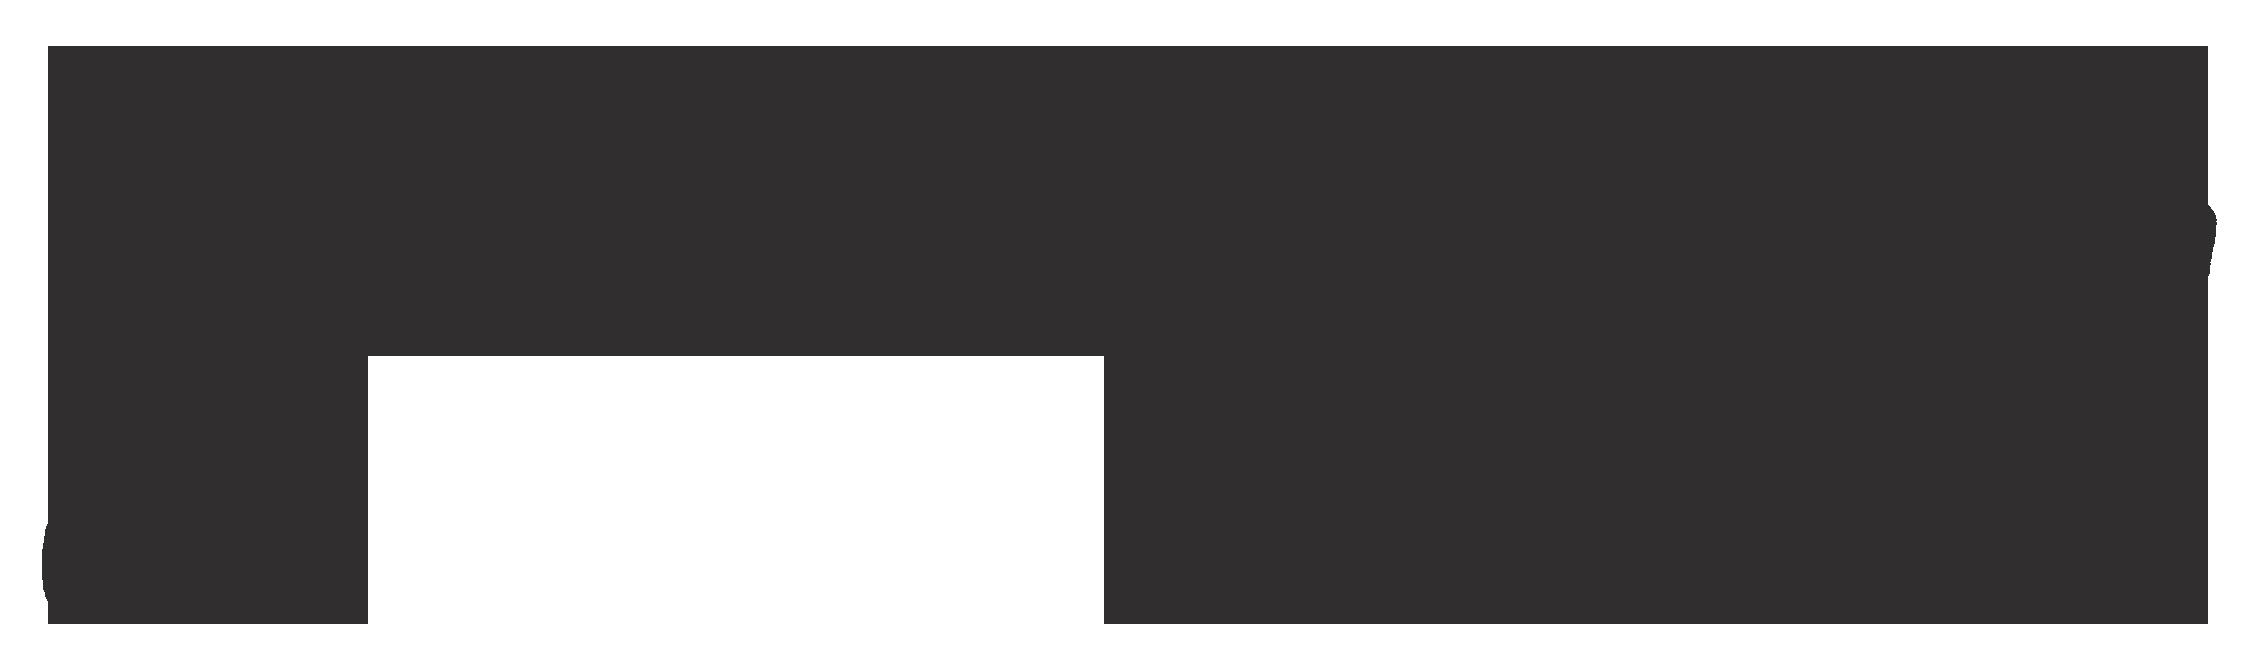 Jaime Hanson Logo Horizontal - Black